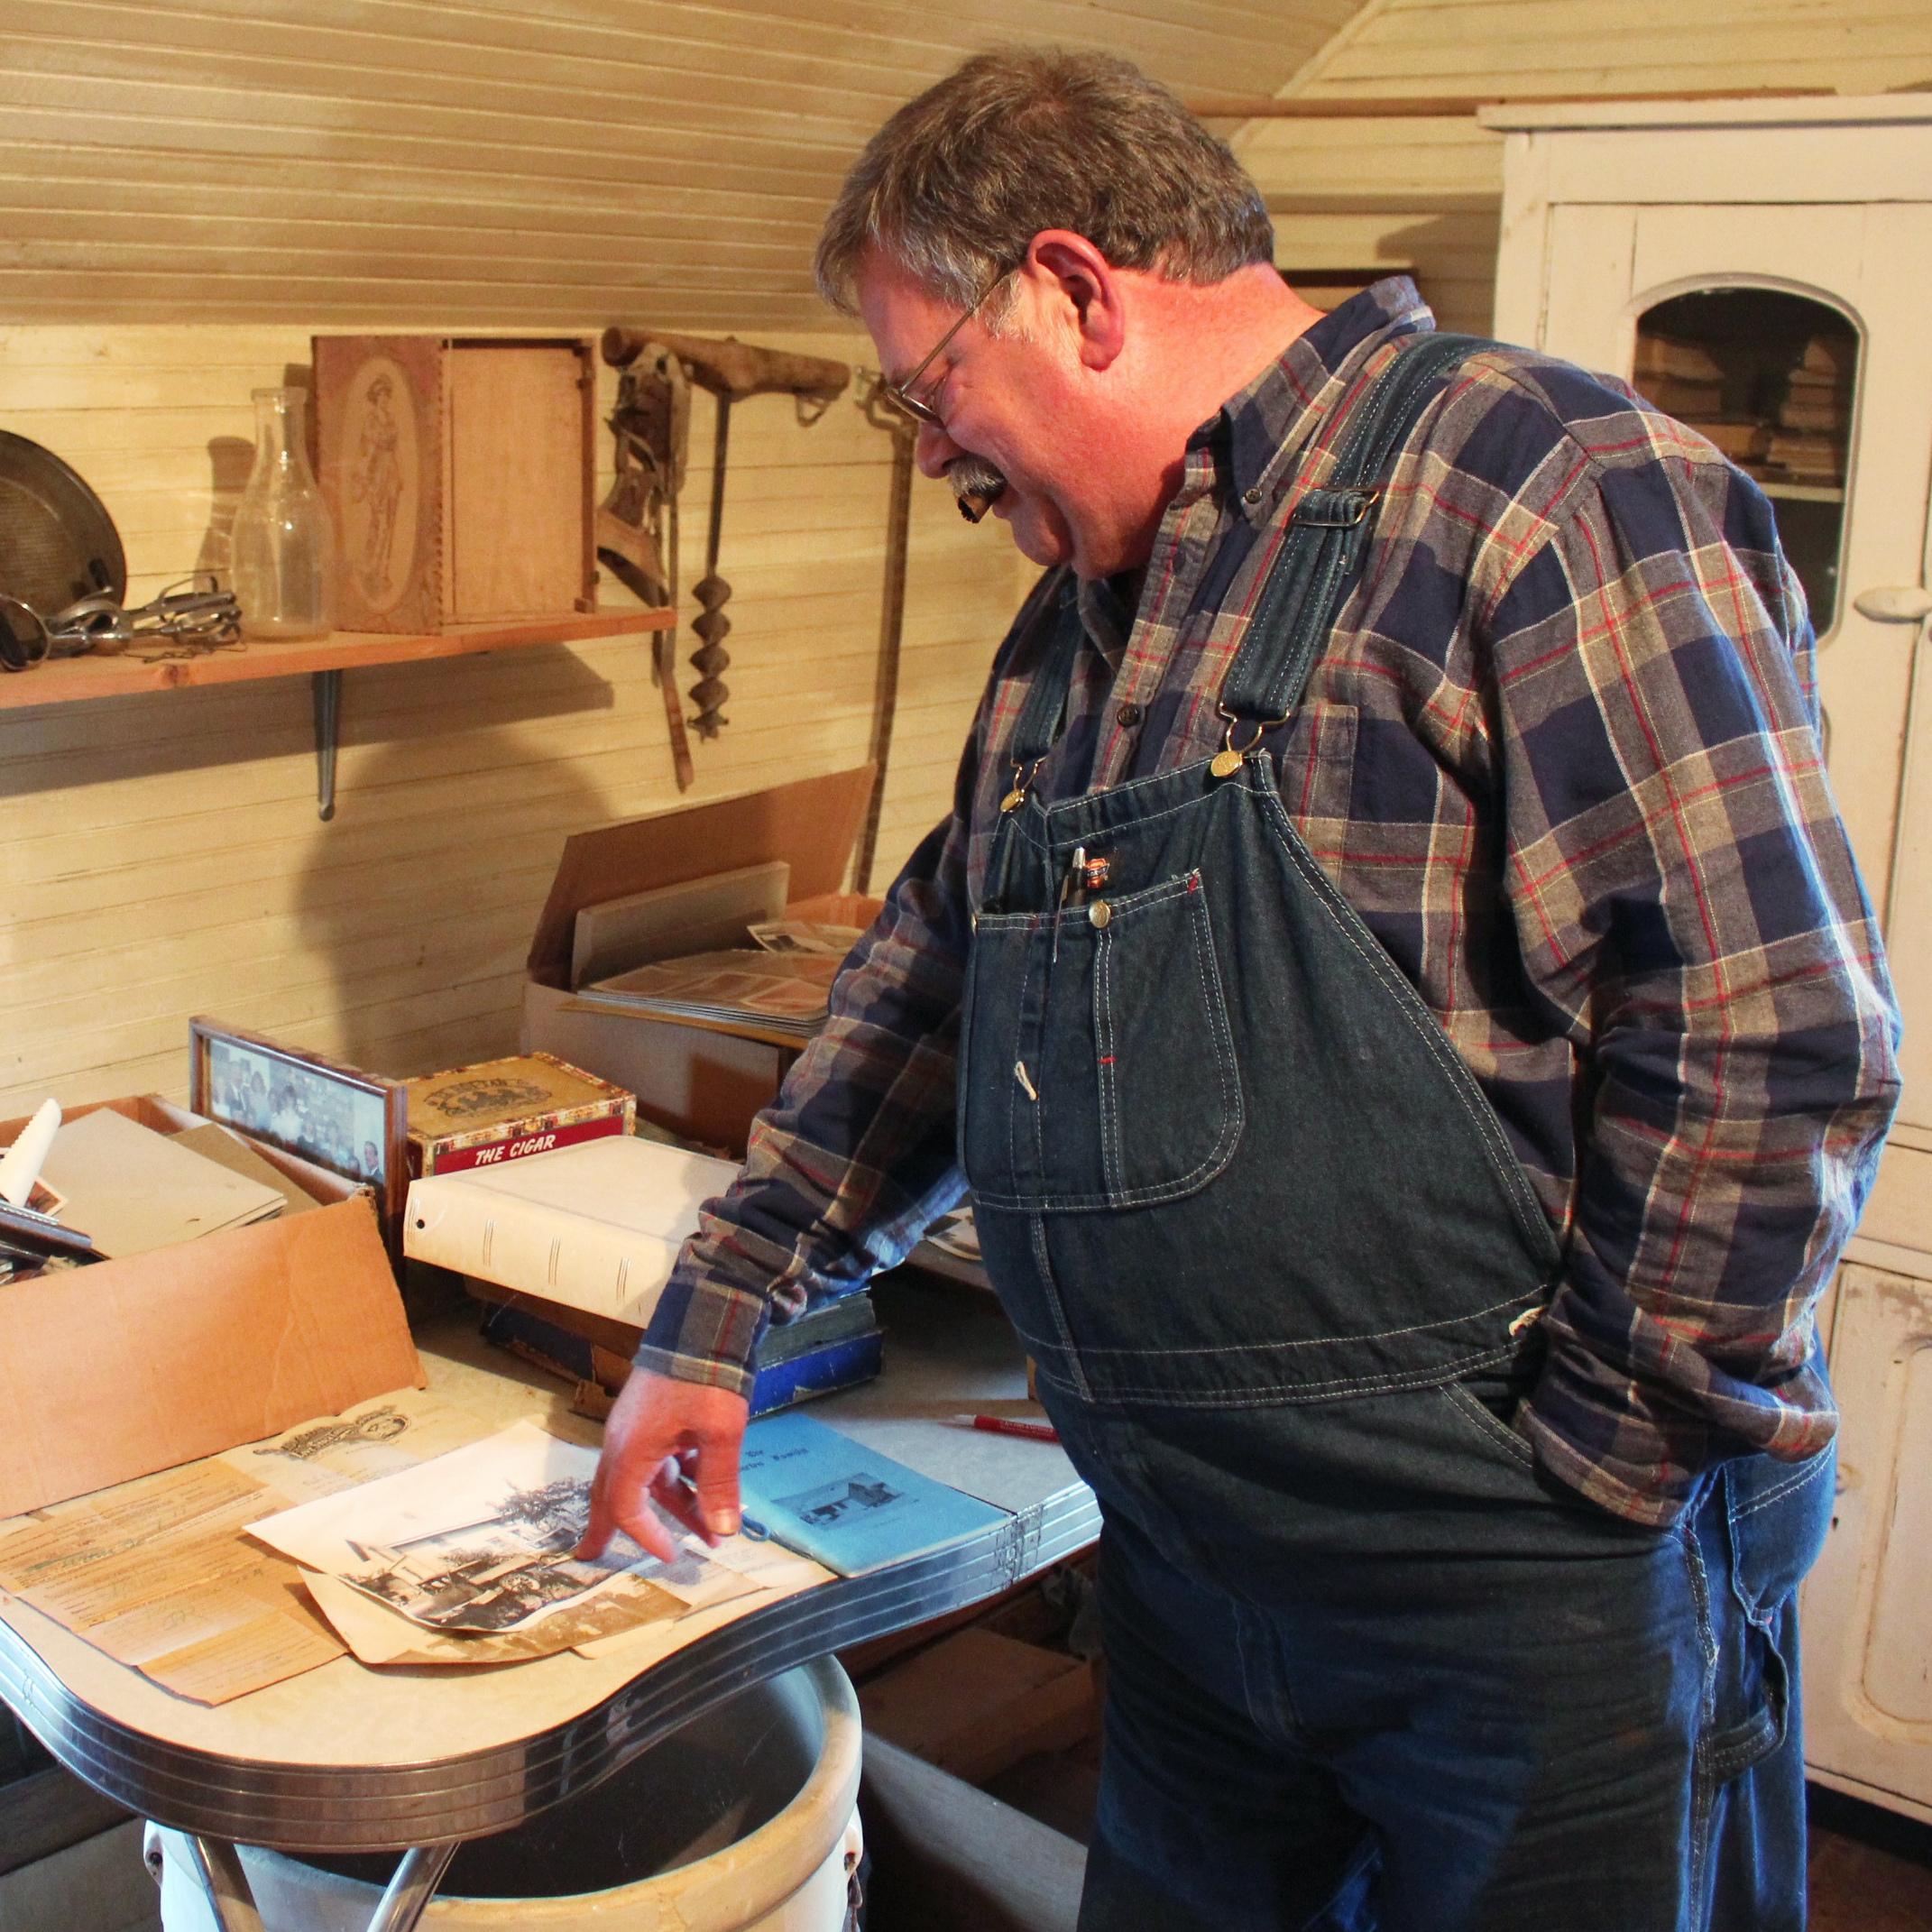 Donn Teske looks through family heirlooms in a house where his ancestors lived near Wheaton, Kans.